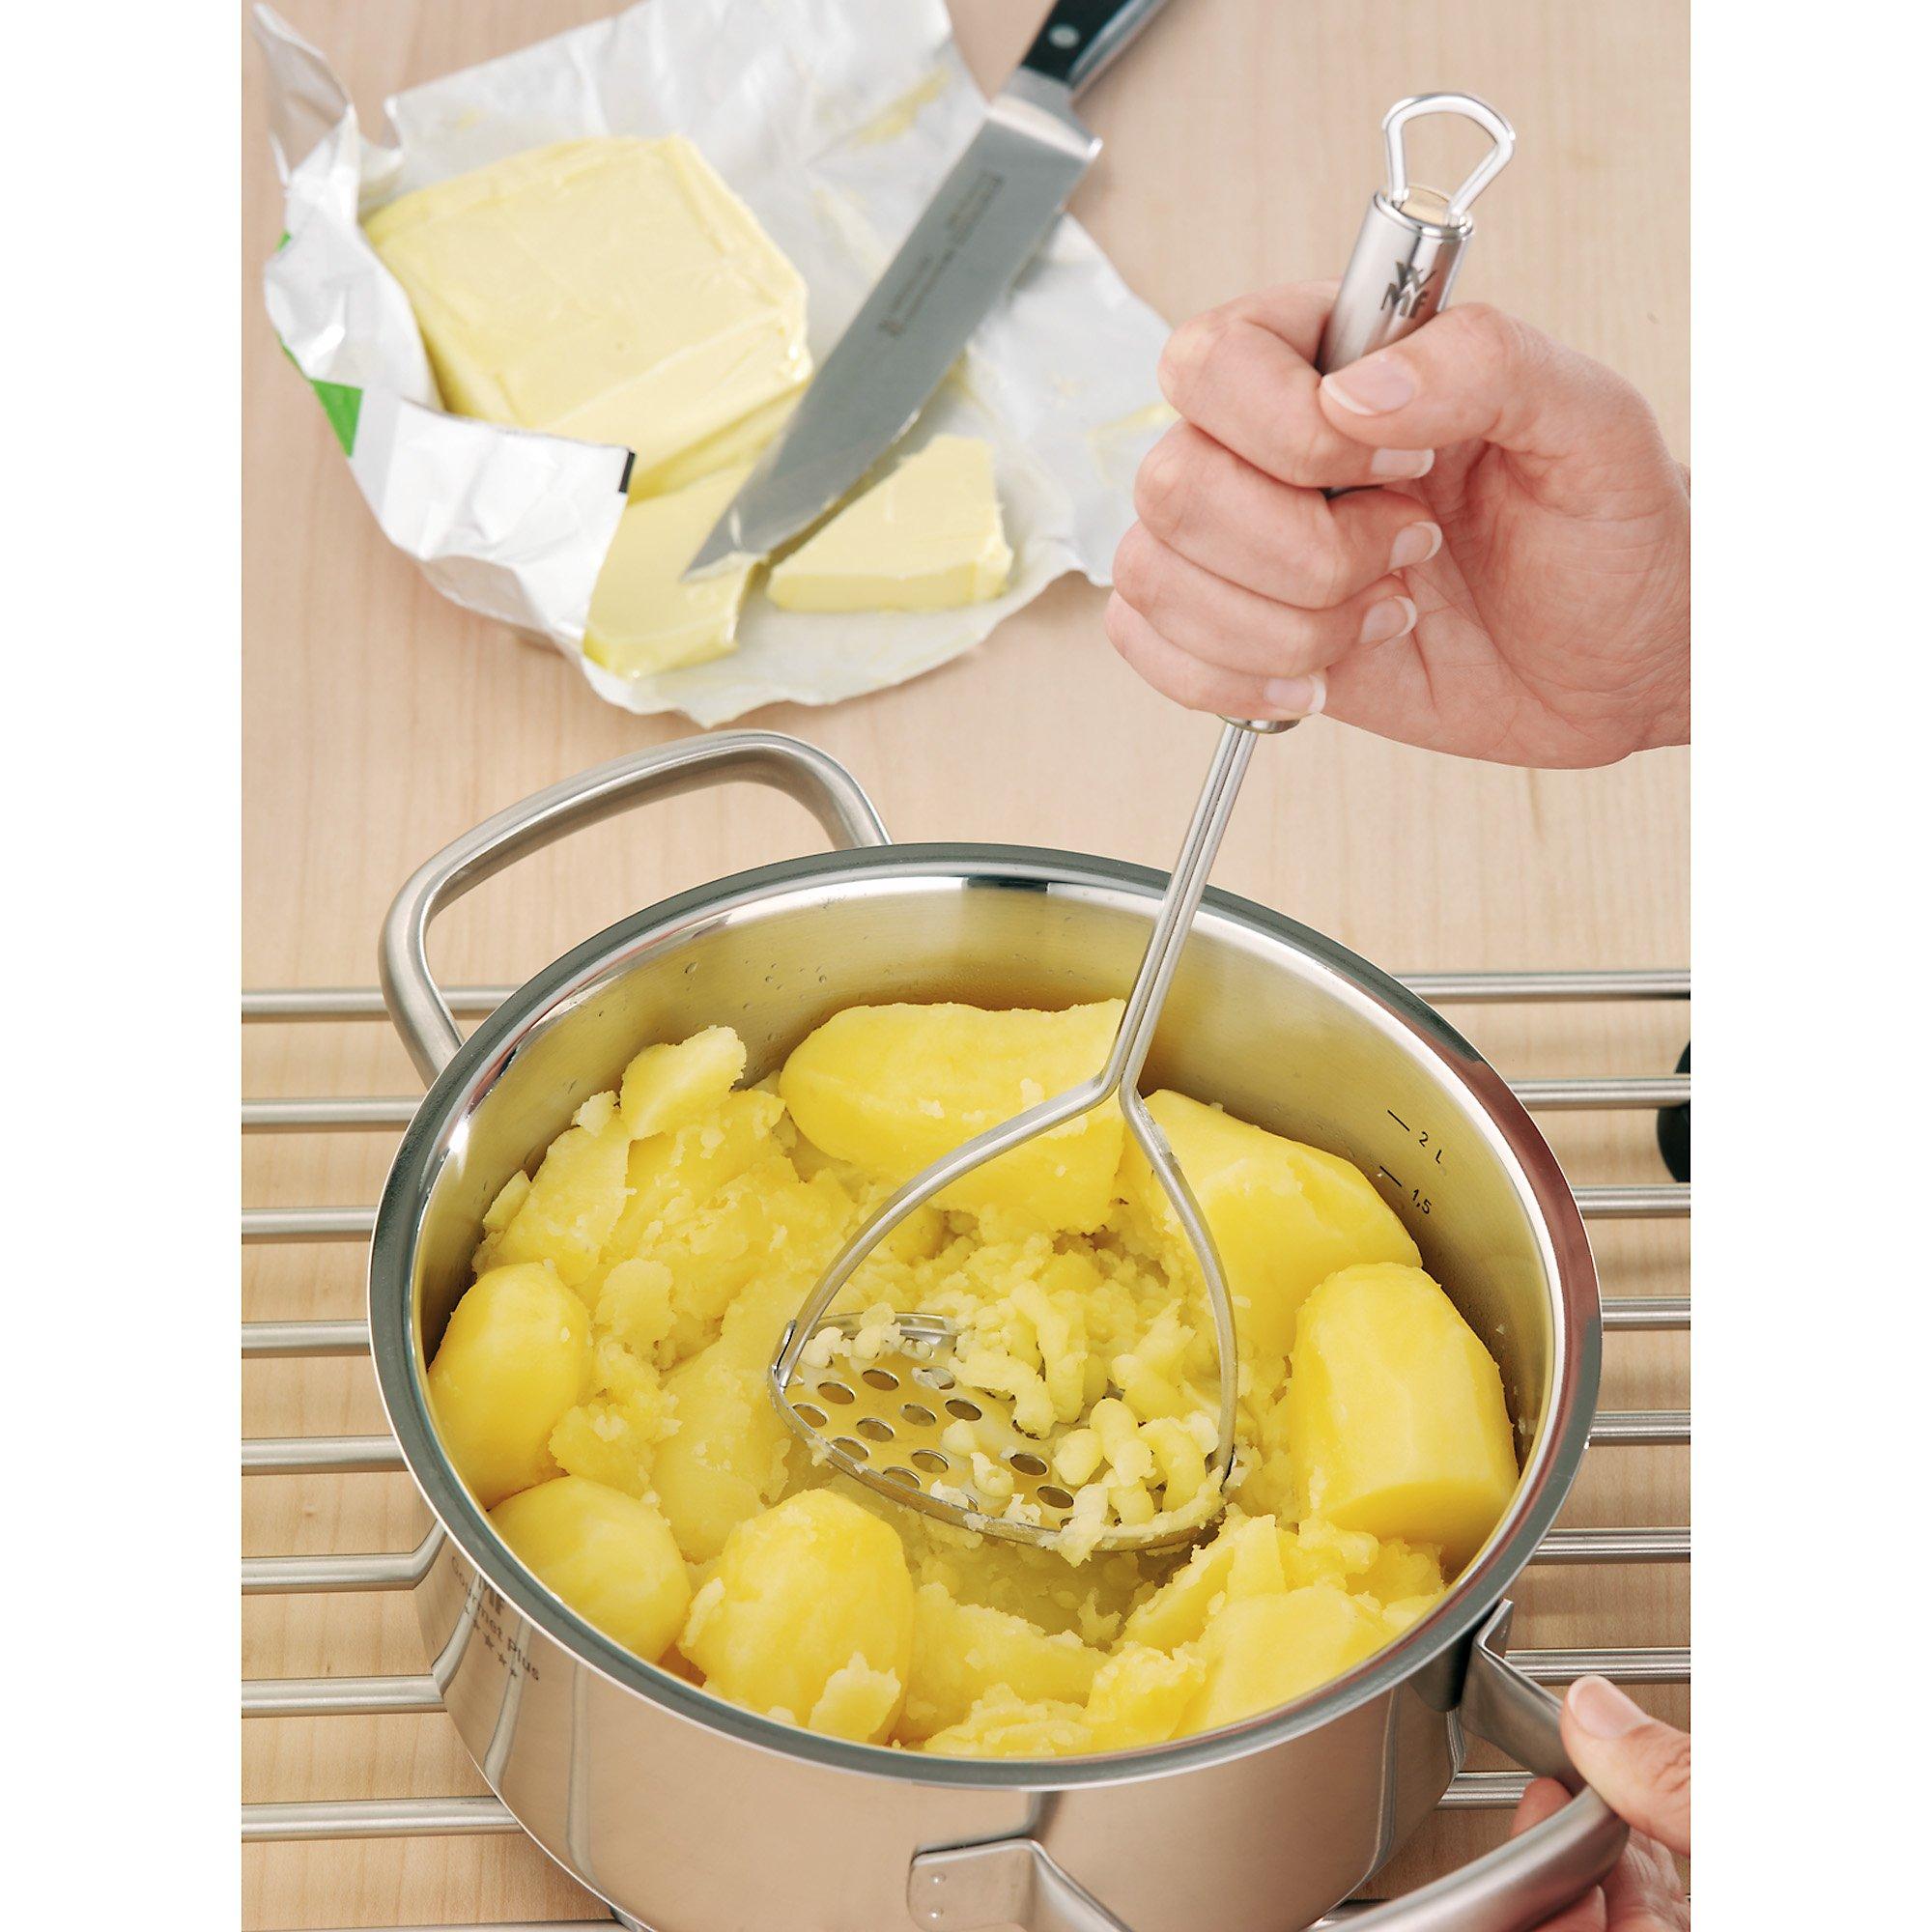 Cromargan Edelstahl teilmattiert WMF Profi Plus Kartoffelstampfer 28,5 cm spü